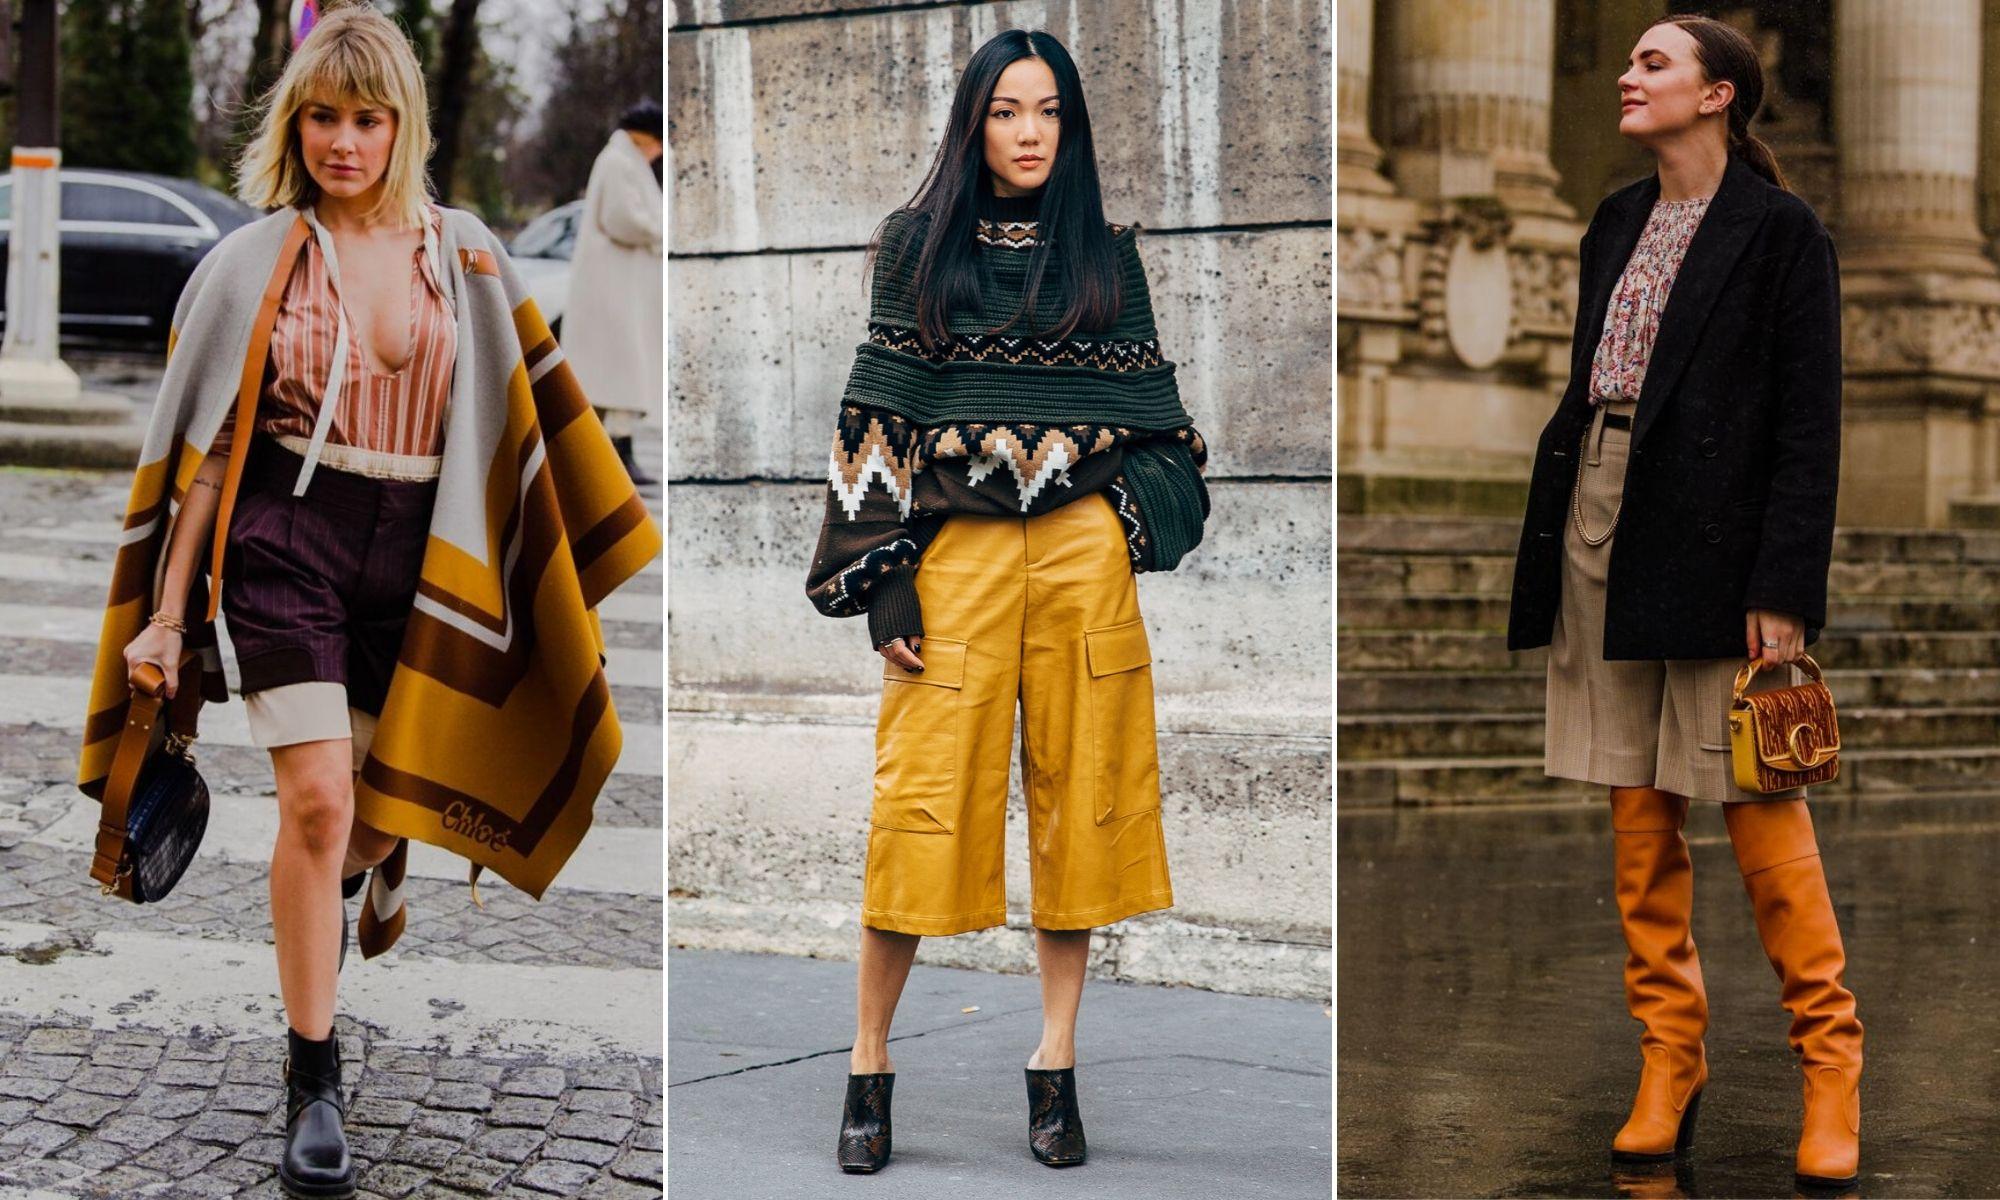 xu hướng thời trang 2020 thu đông street style